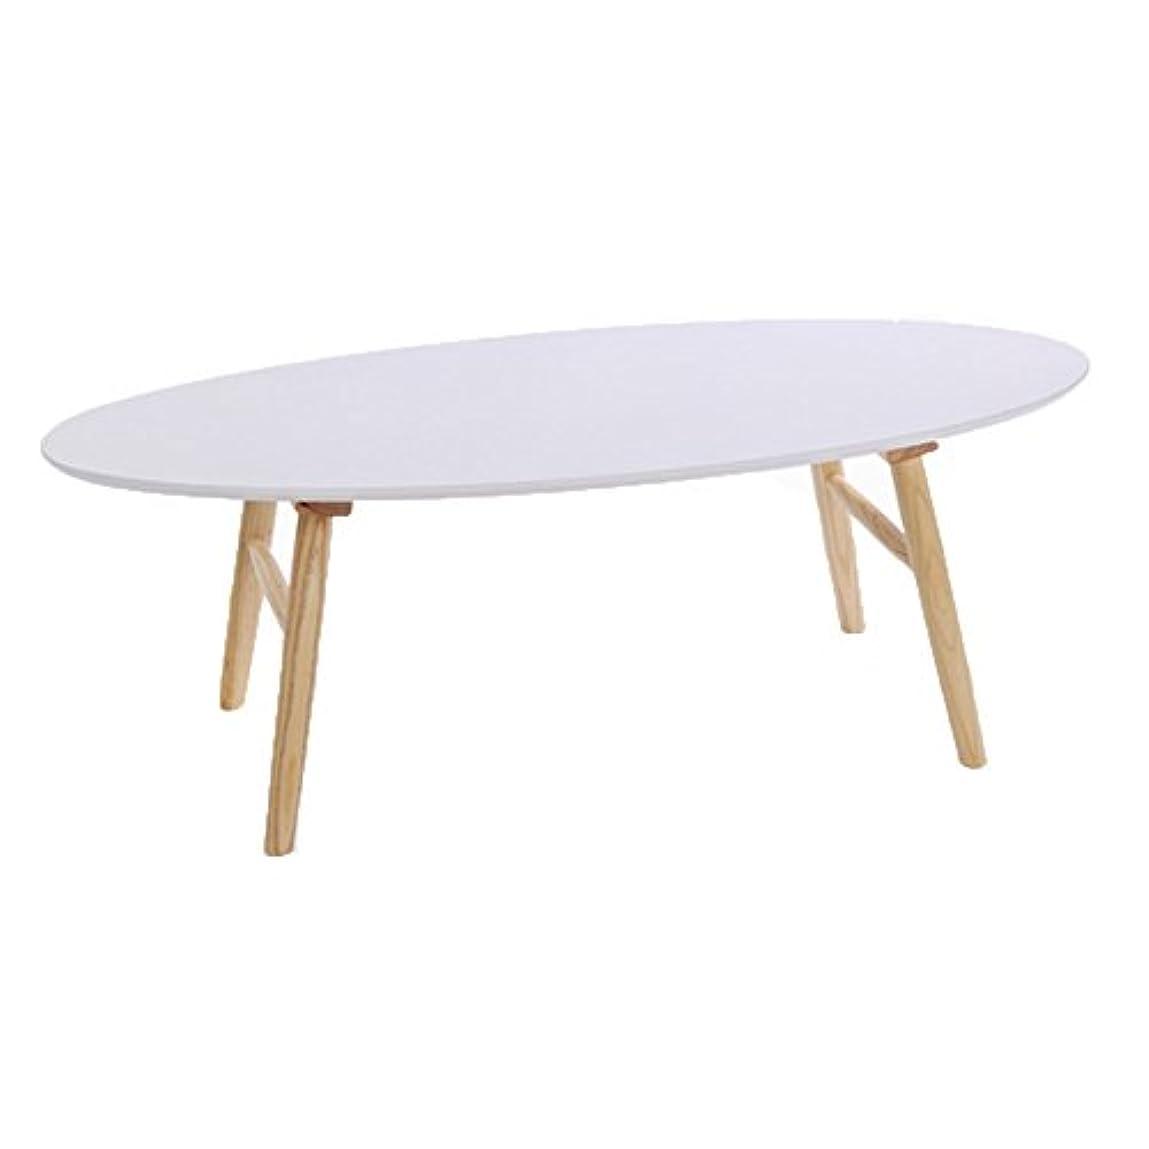 HUO,テーブル コーヒーテーブルソリッドウッドクリエイティブコーヒーテーブルオーバルシンプルな小さなテーブル - 120 * 41CM 多機能 (色 : ログ)